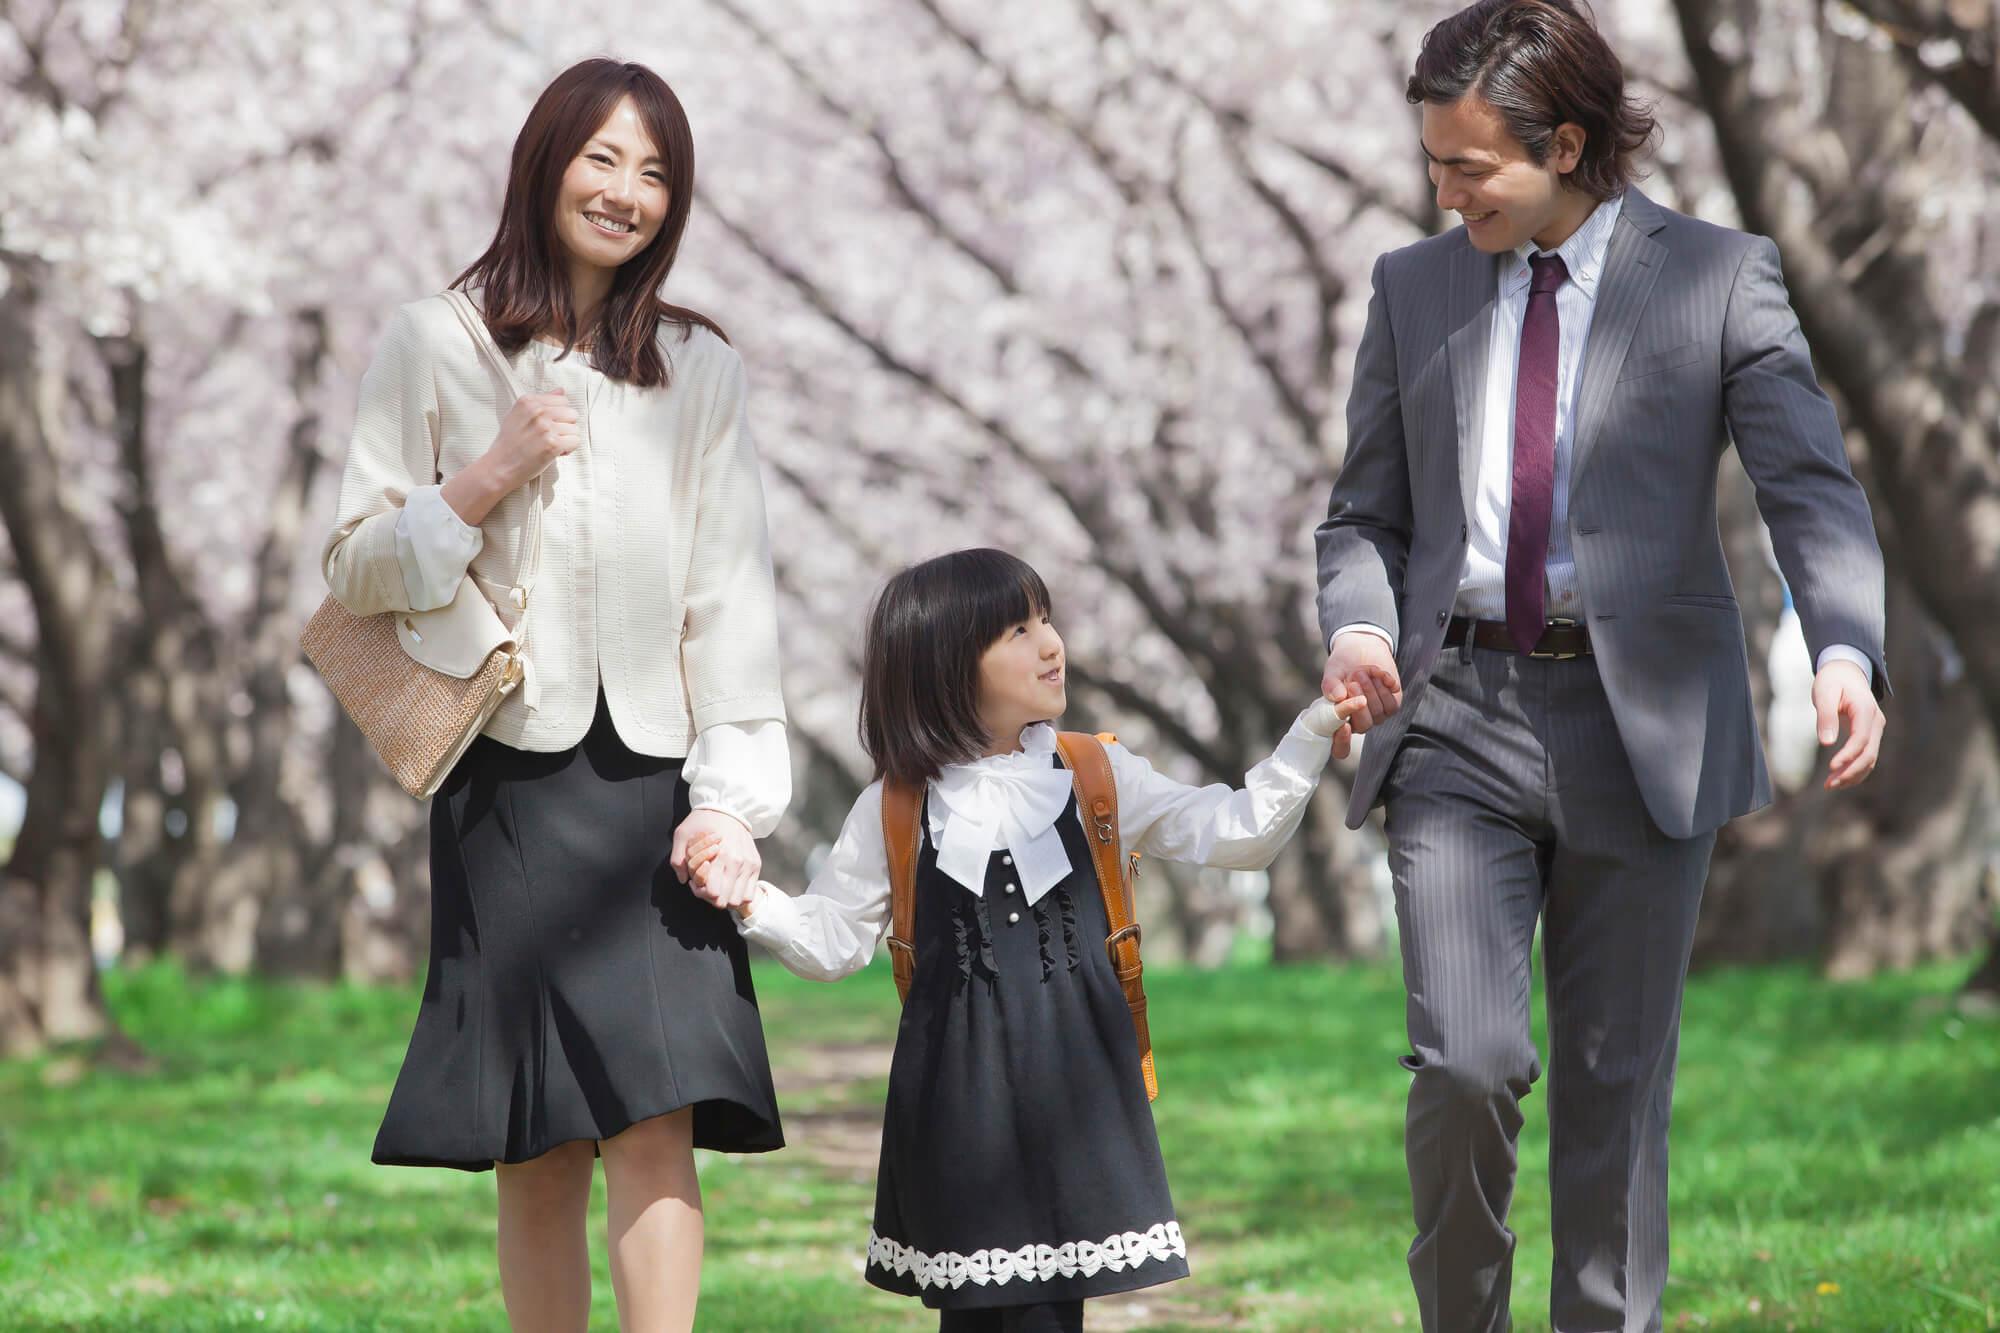 入園式・入学式 妊娠中の母親の服装 マタニティドレス&スーツ特集